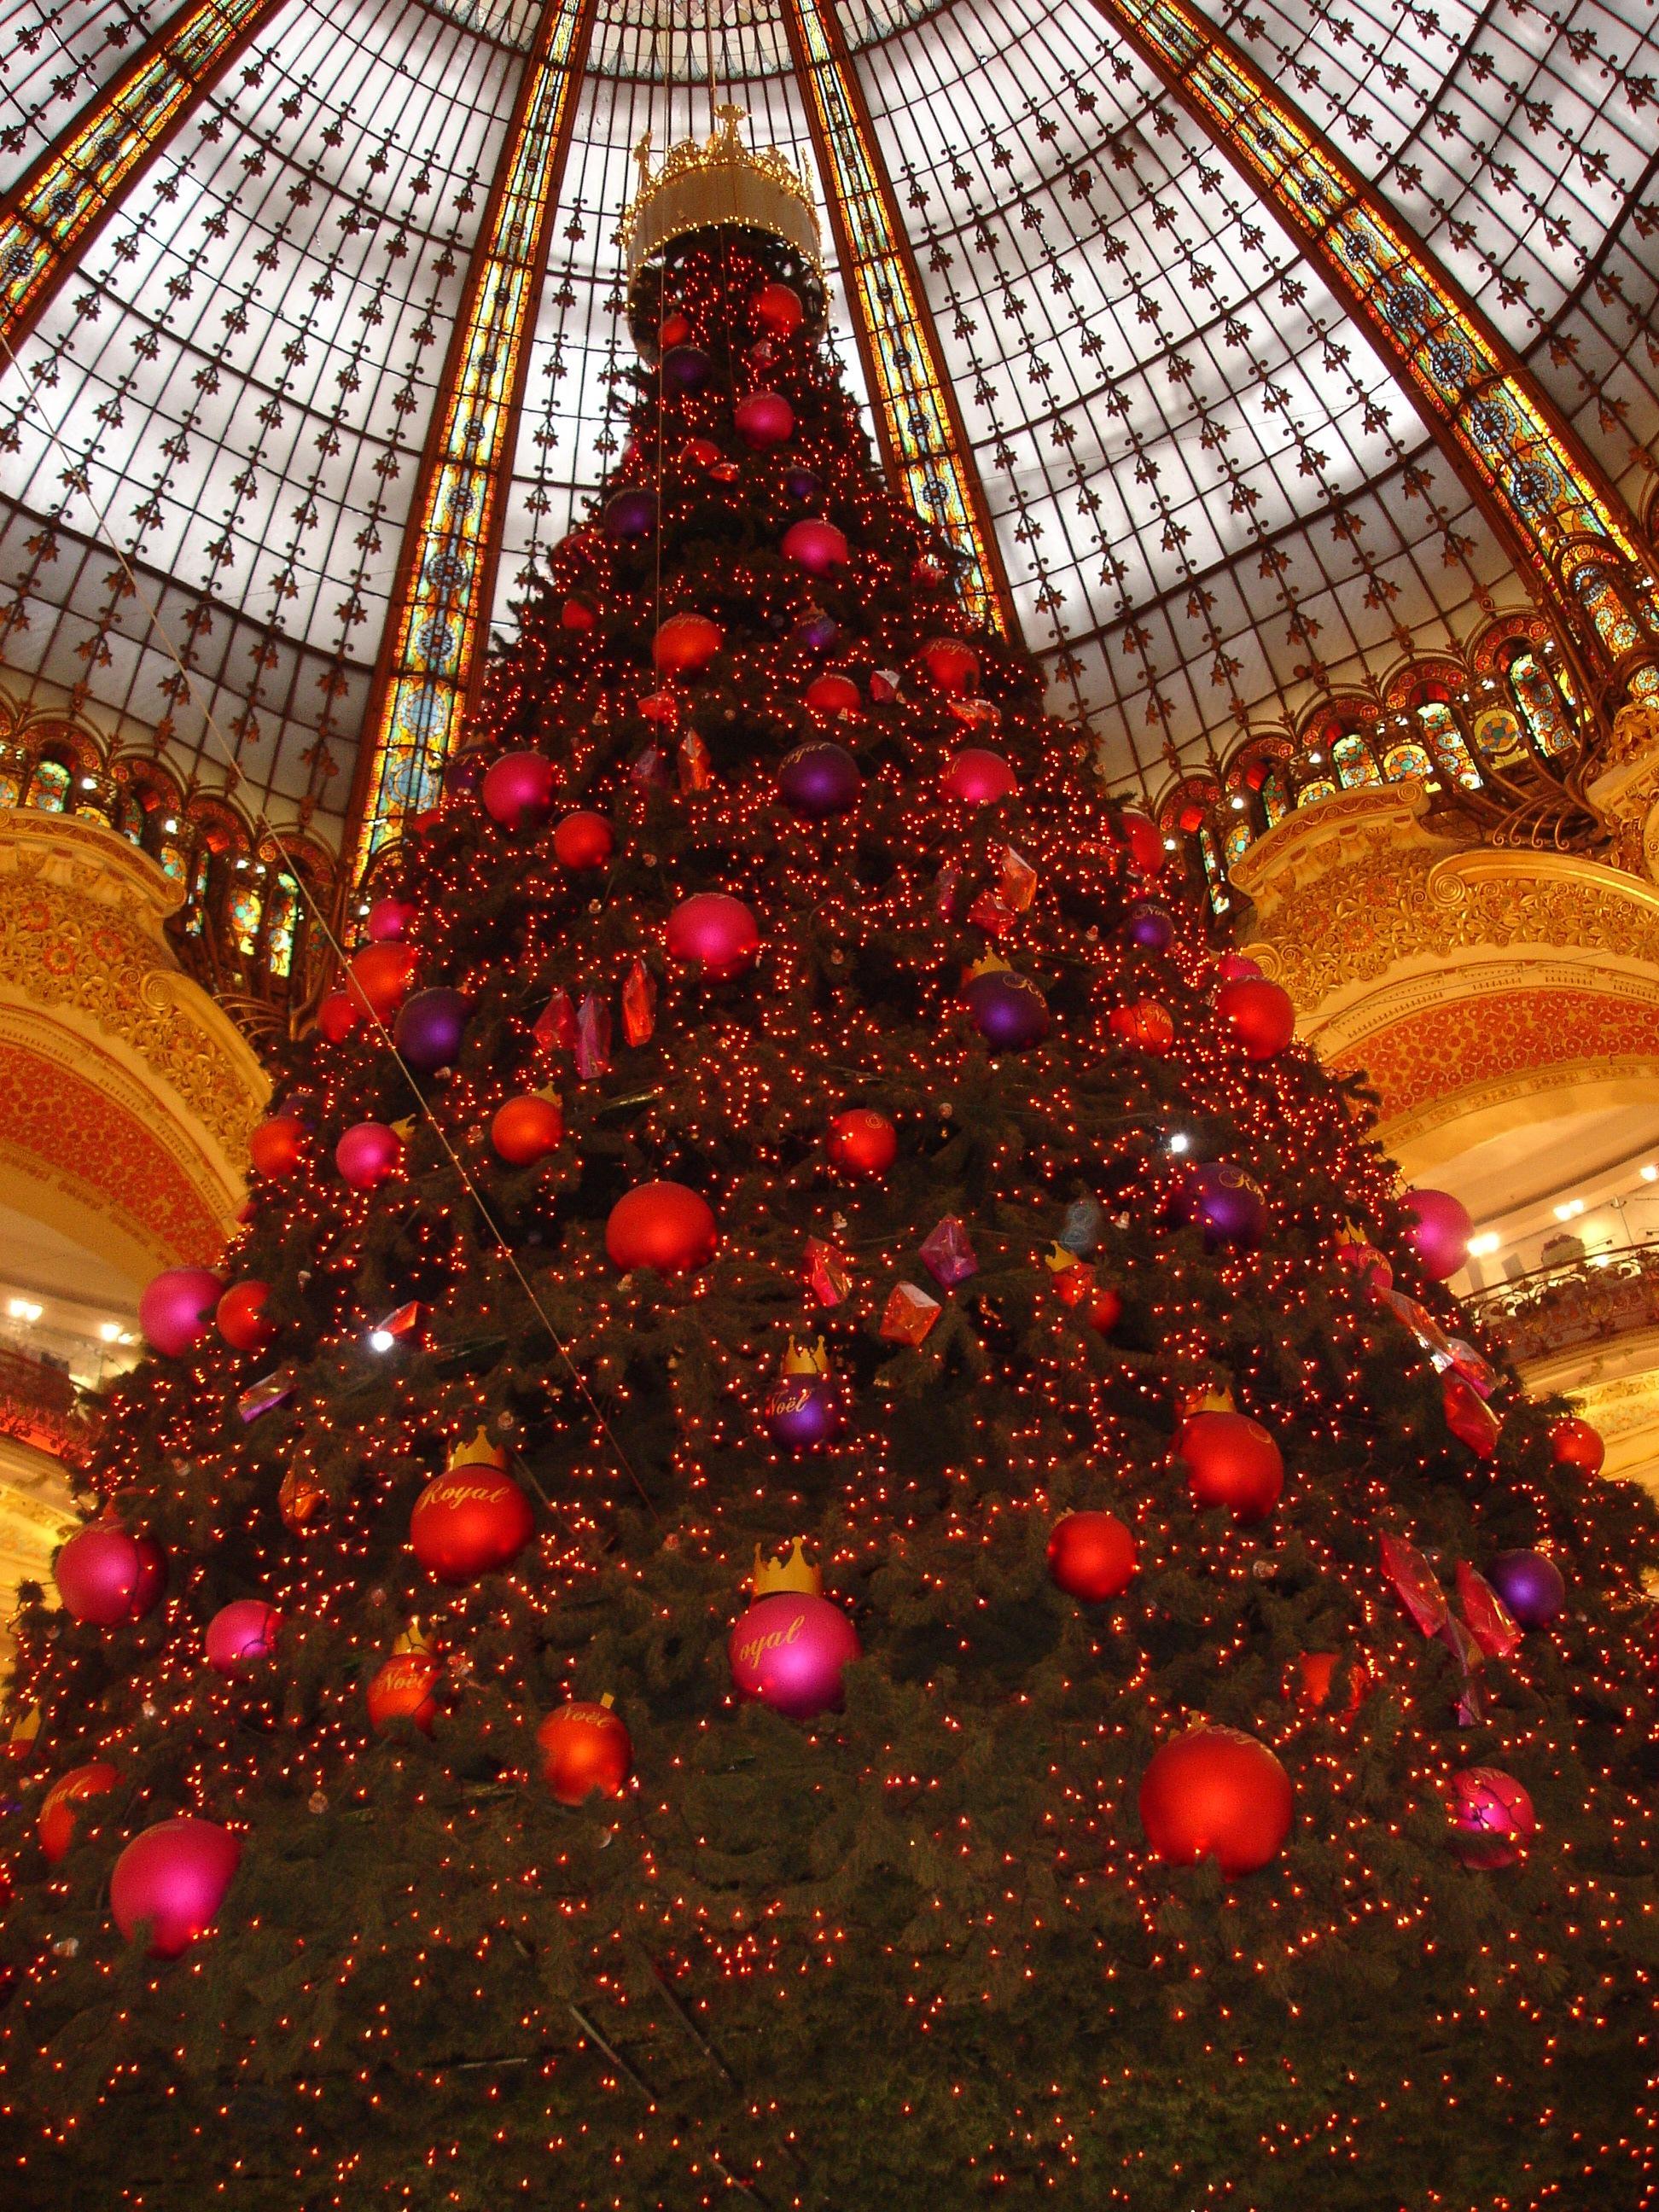 #BB8A10 File:Paris Galeries Lafayettes Sapin De Noel 2005 11 28  5431 décorations de noel galeries lafayette 1944x2592 px @ aertt.com